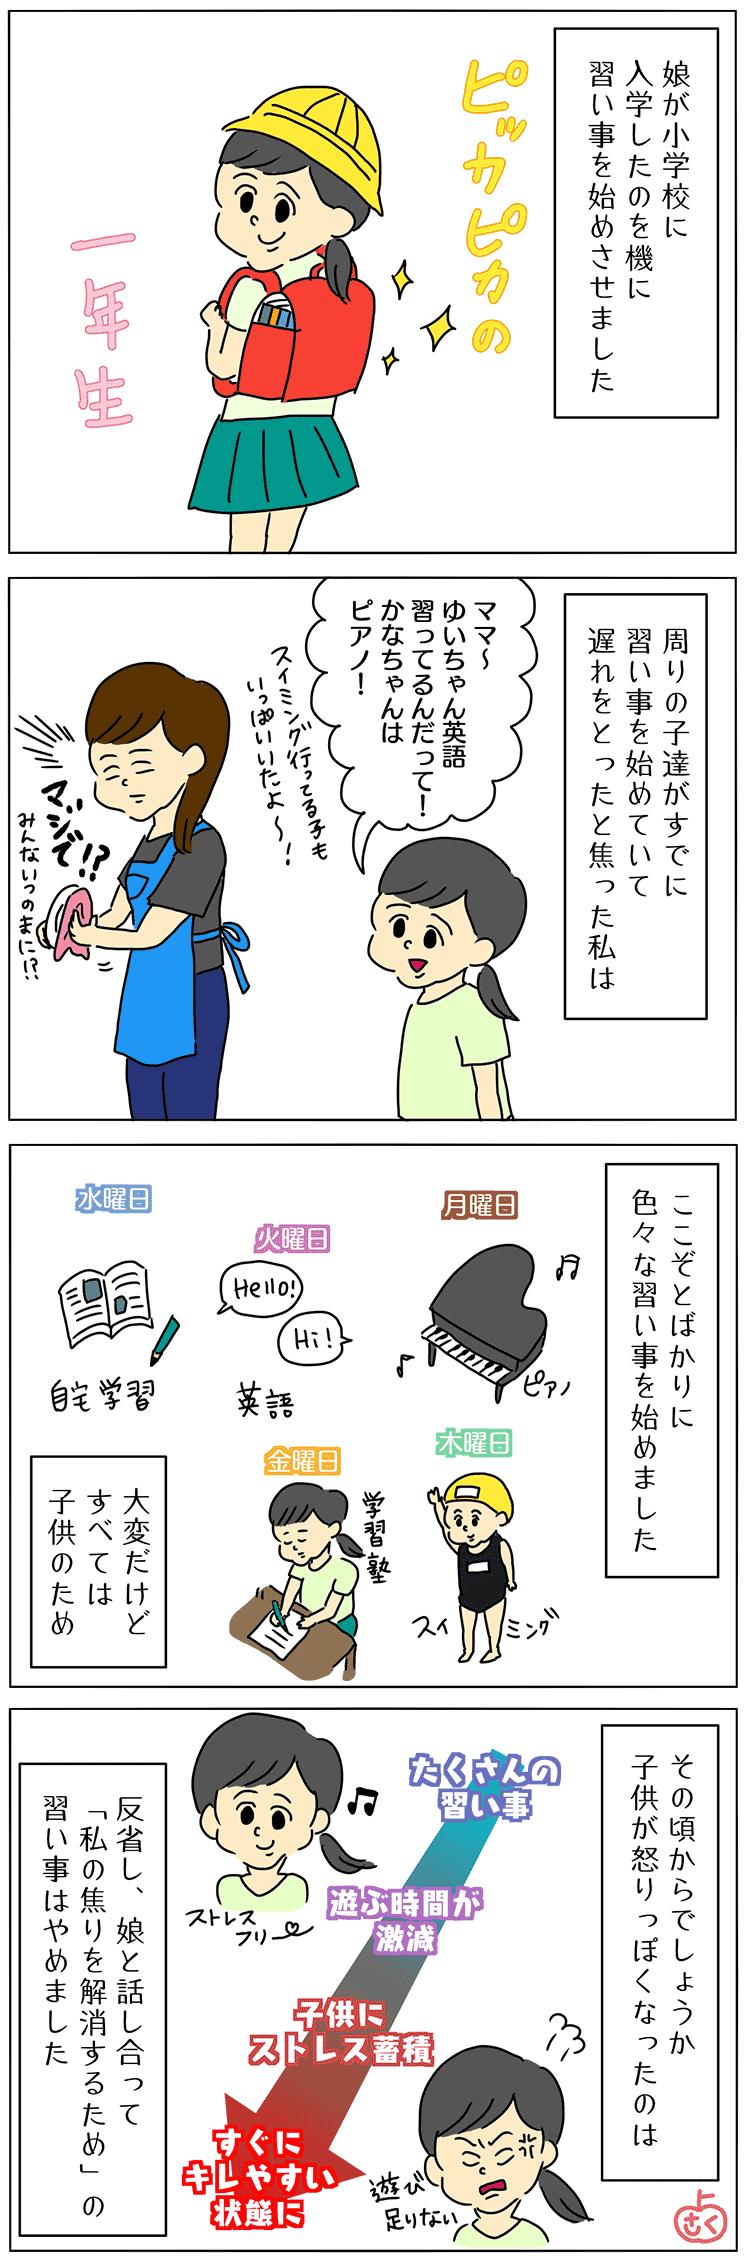 キレやすい子供の子育て4コマ漫画